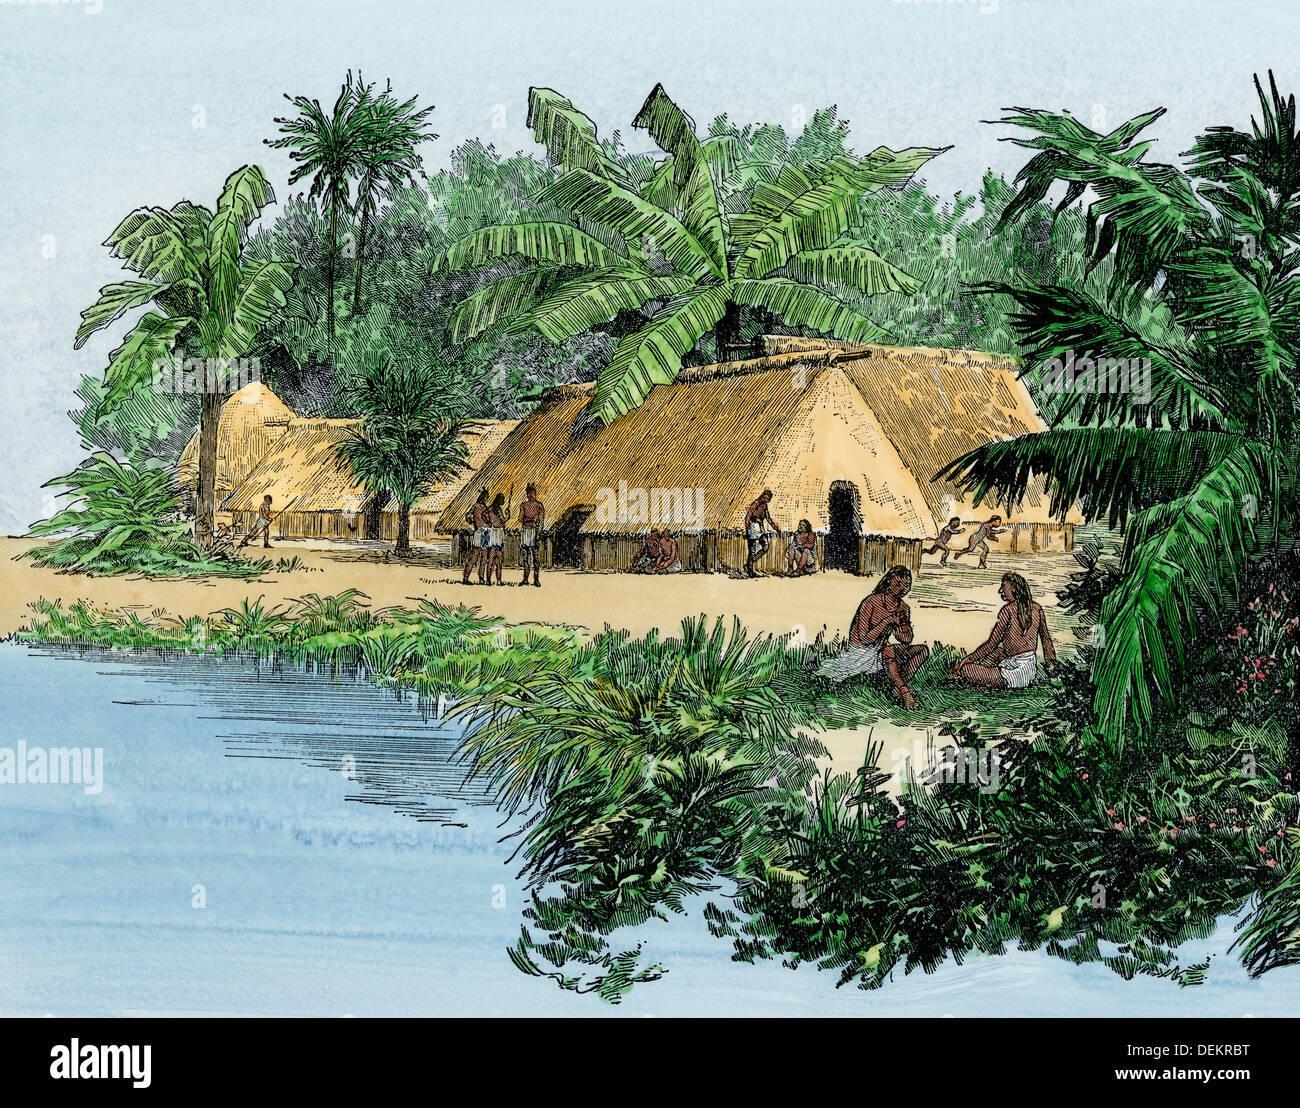 Aldea natal en Panamá en el momento de la expedición de Balboa, principios del 1500. Xilografía coloreada a mano Imagen De Stock